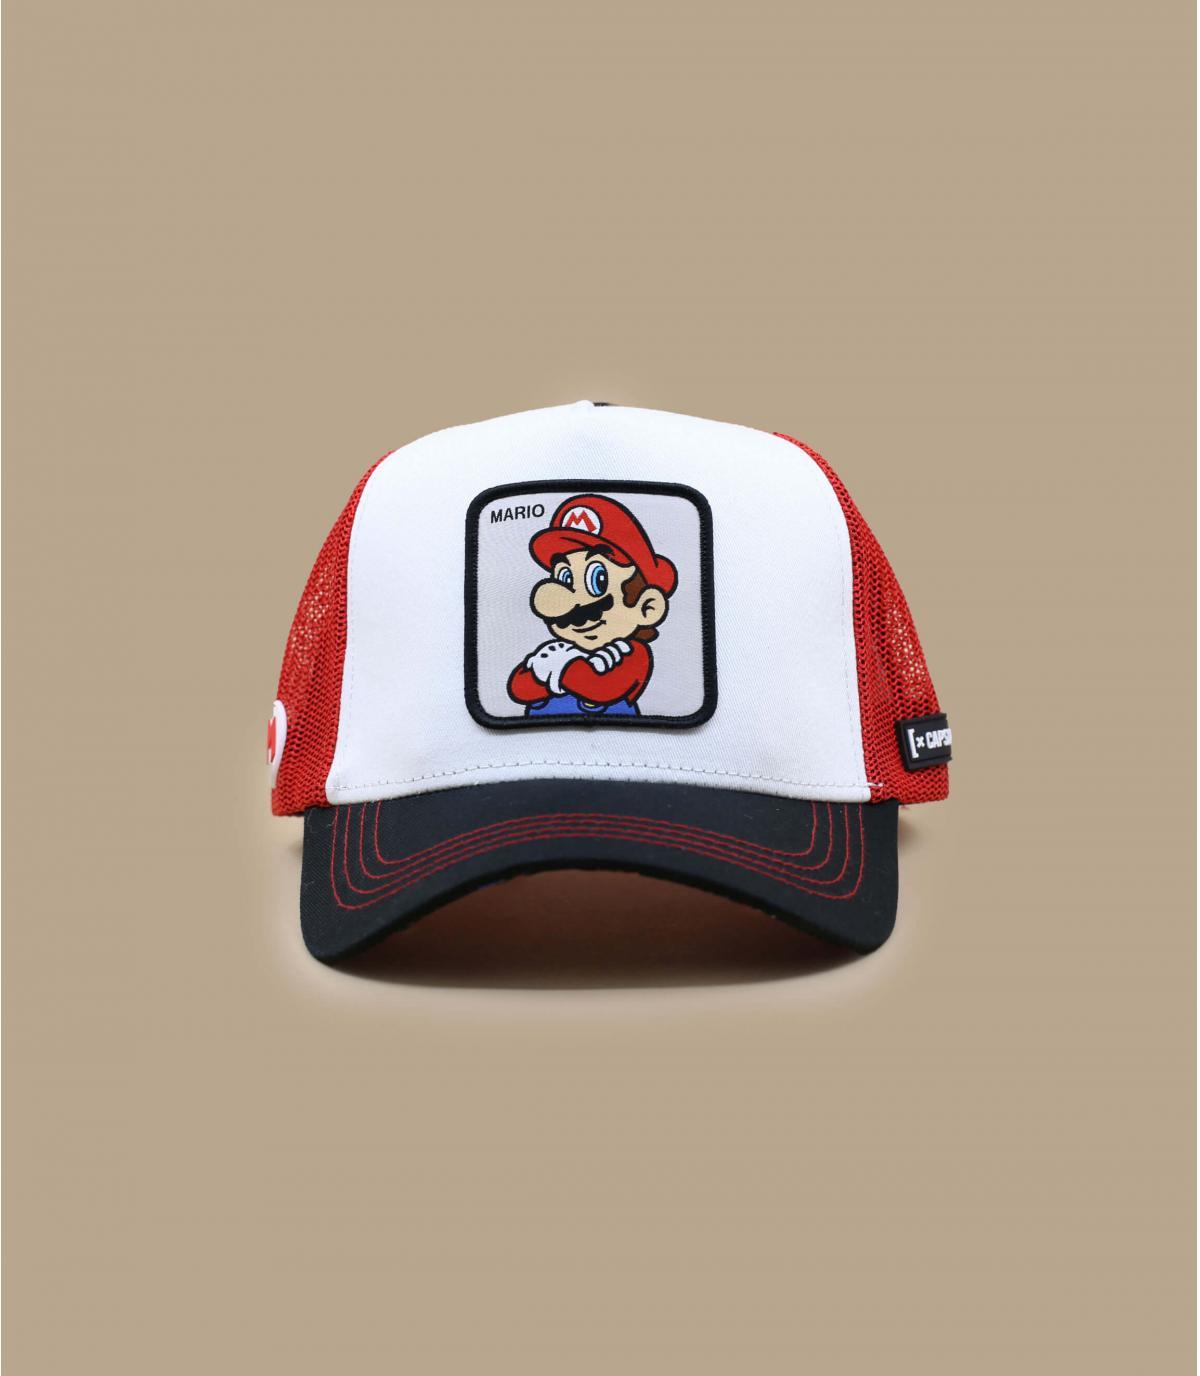 Details Trucker Mario - afbeeling 2